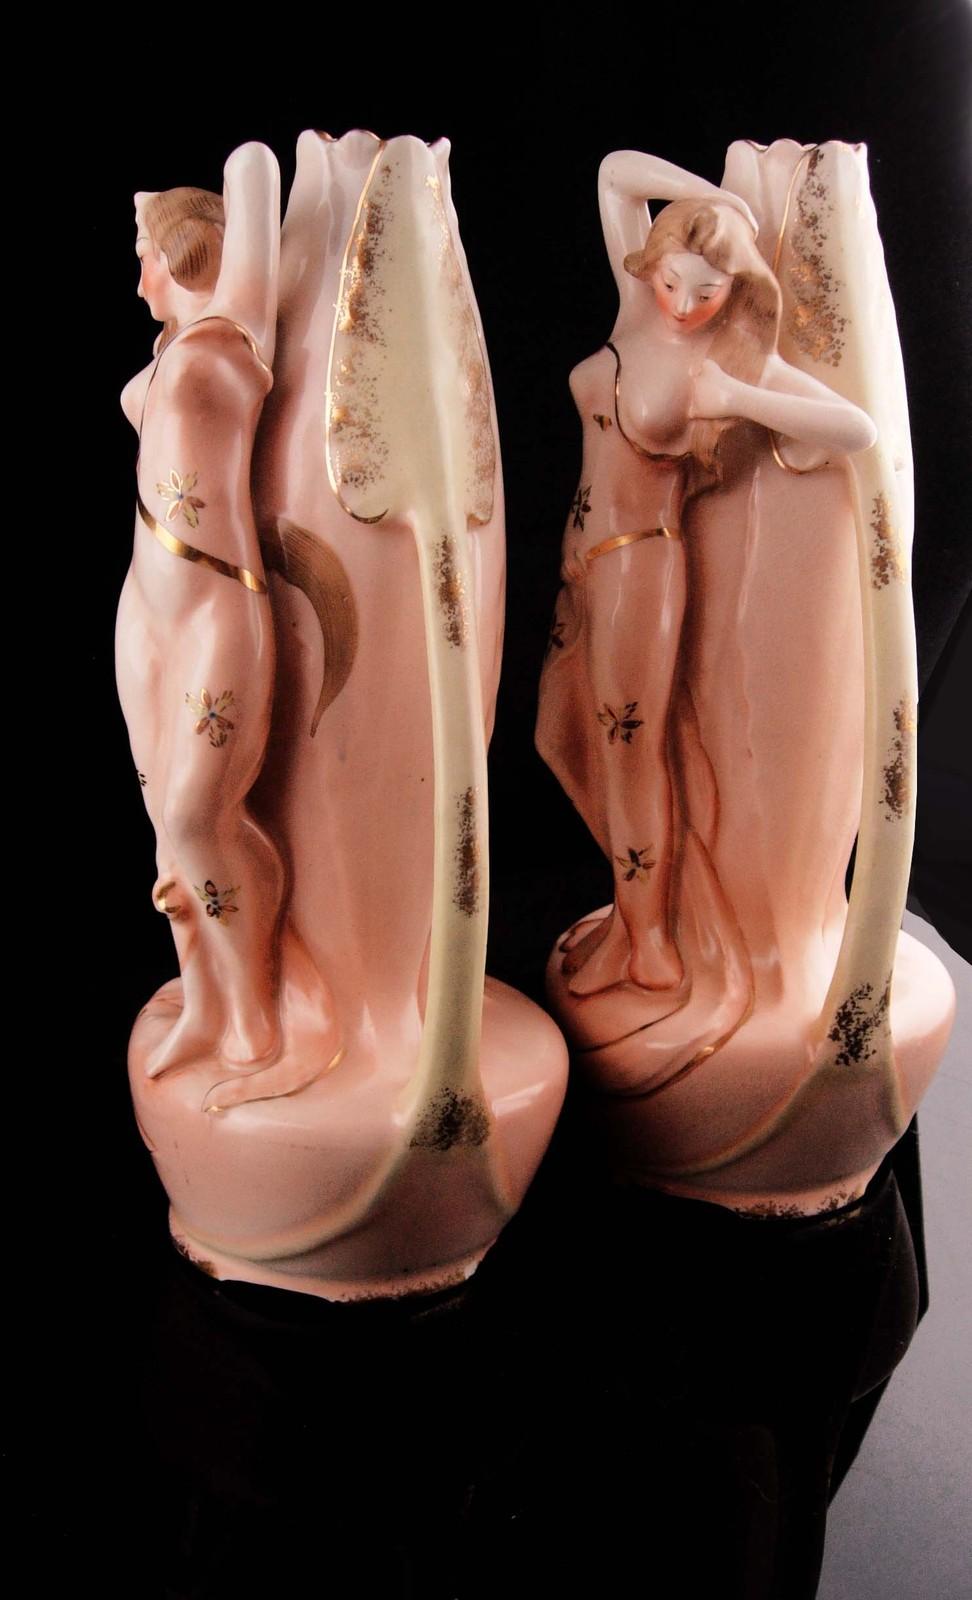 Antique Nude Pair - erotic  Alfonzo Mucha women - art nouveau statues - Vintage